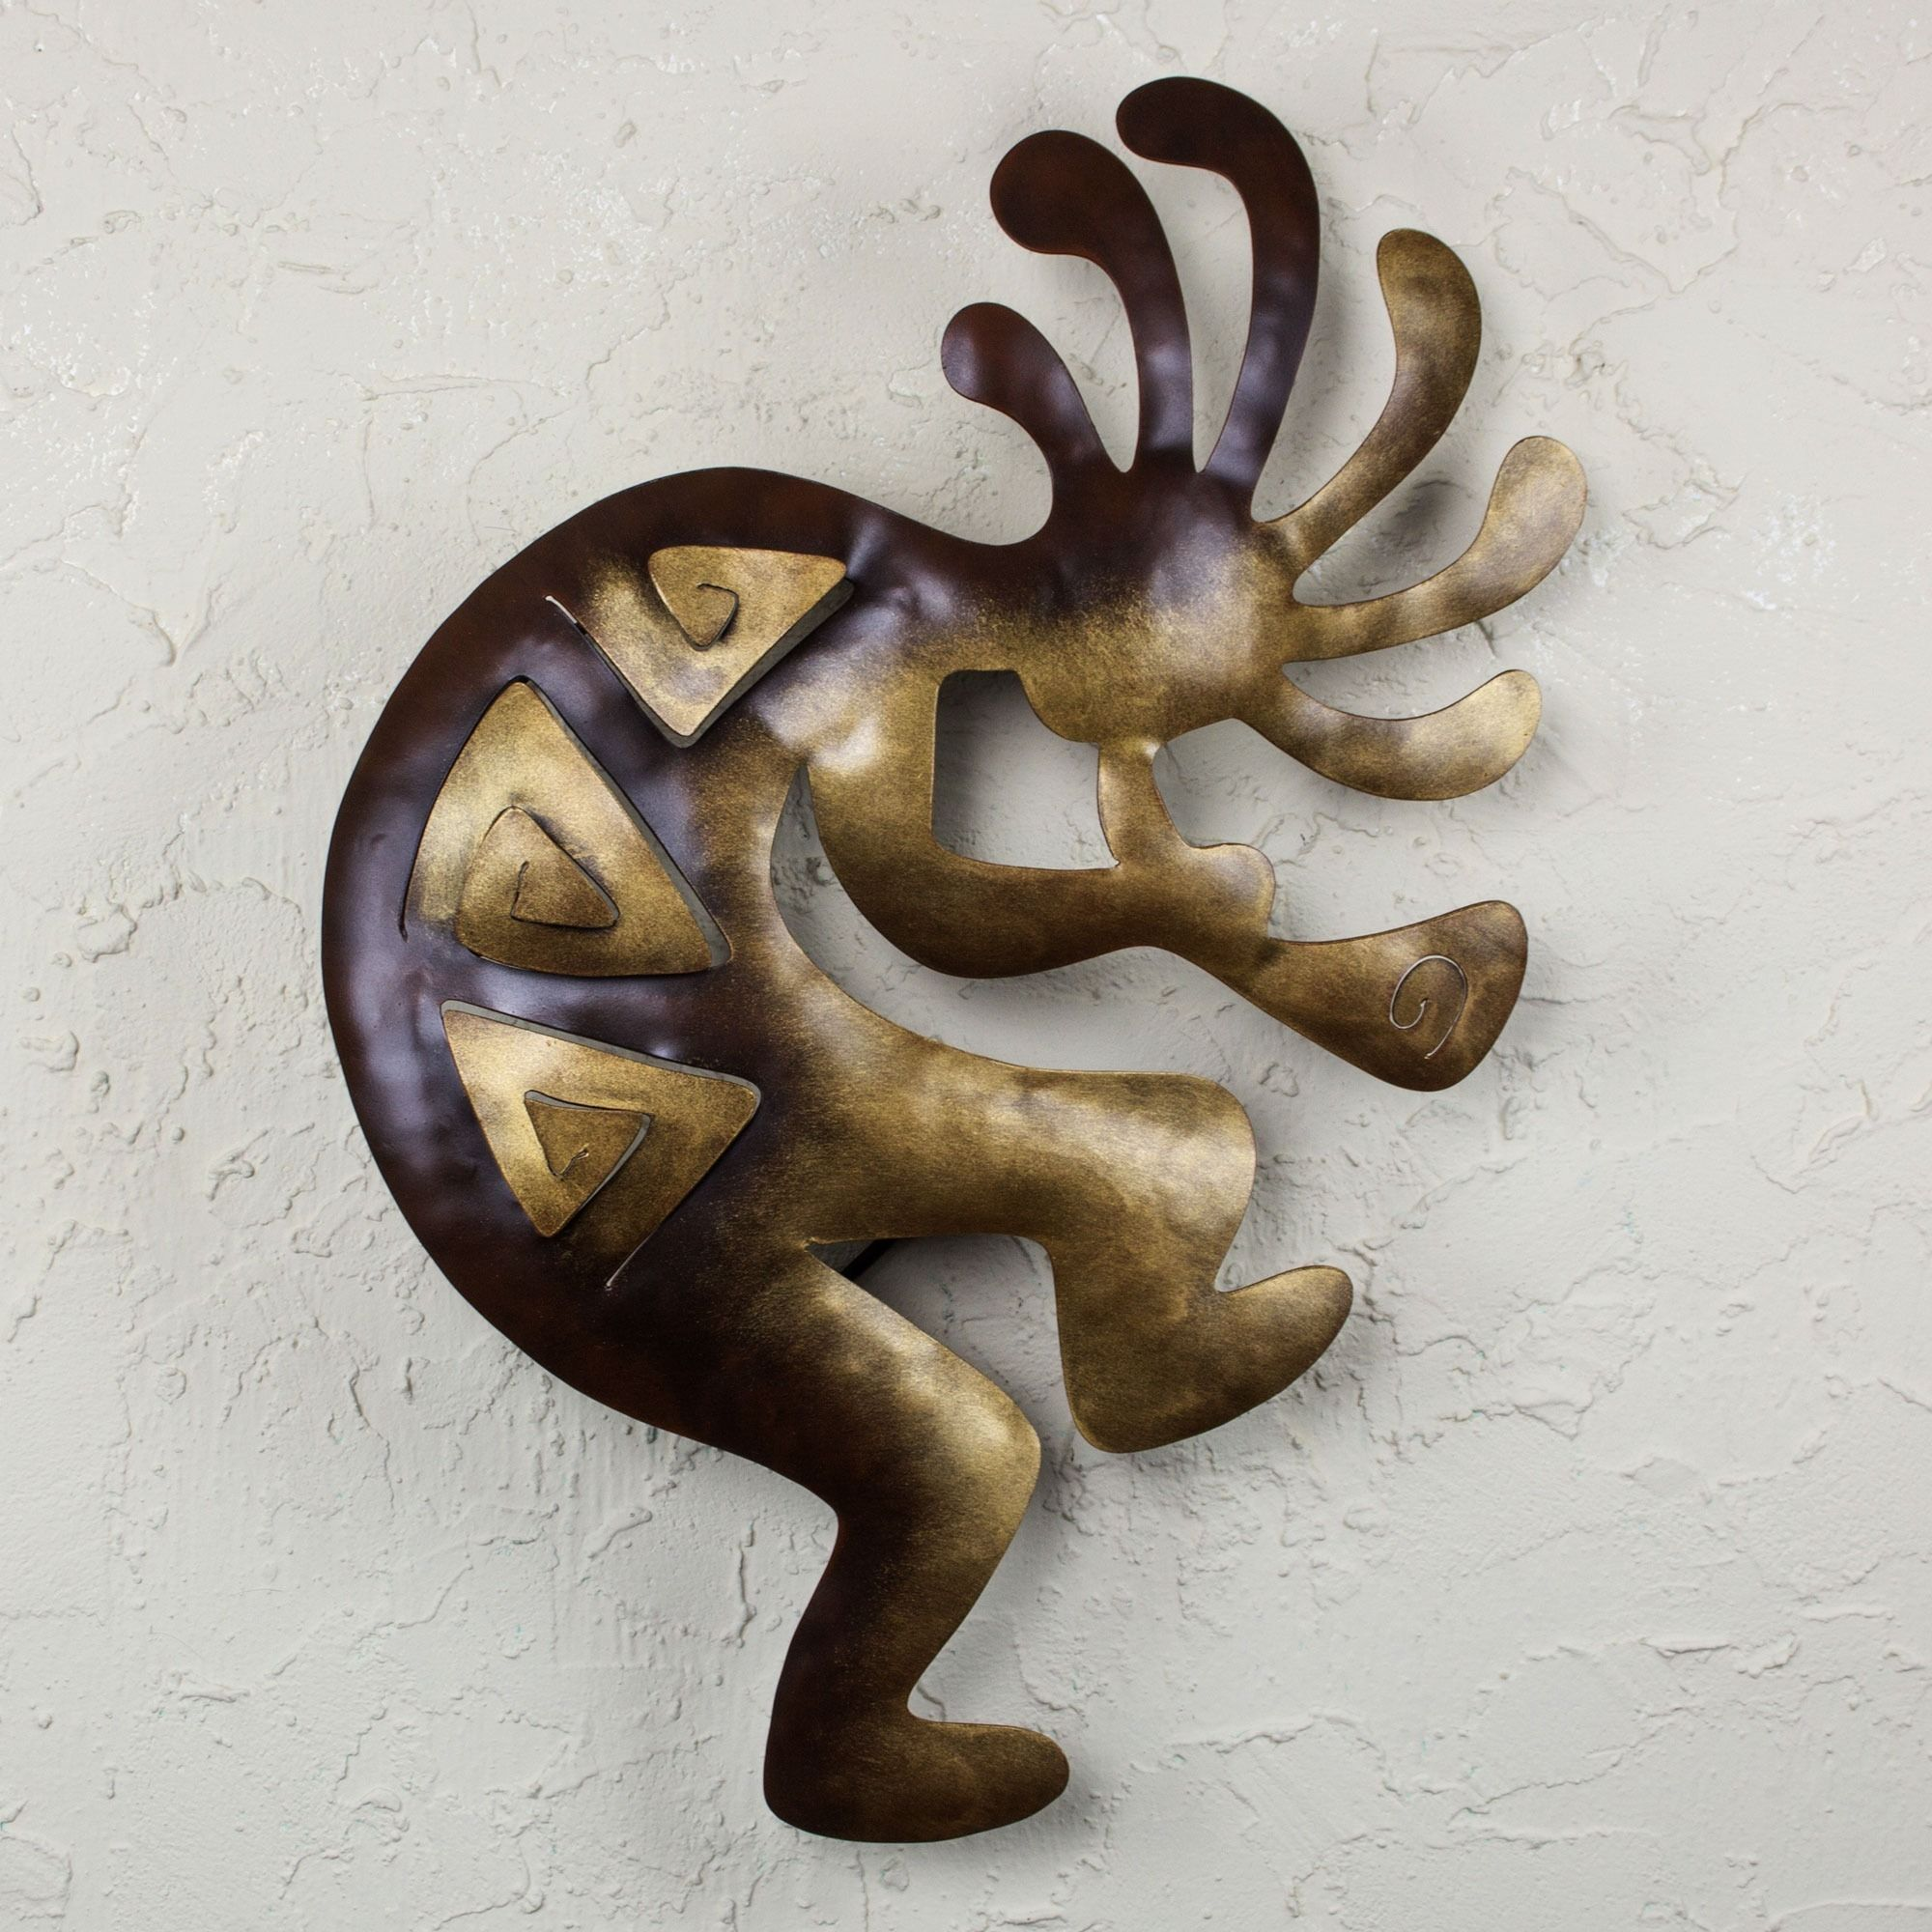 Rustic Metal Wall Art Sculptures Novica Kokopelli Peace Indoor Outdoor Decorator Accent Brown And